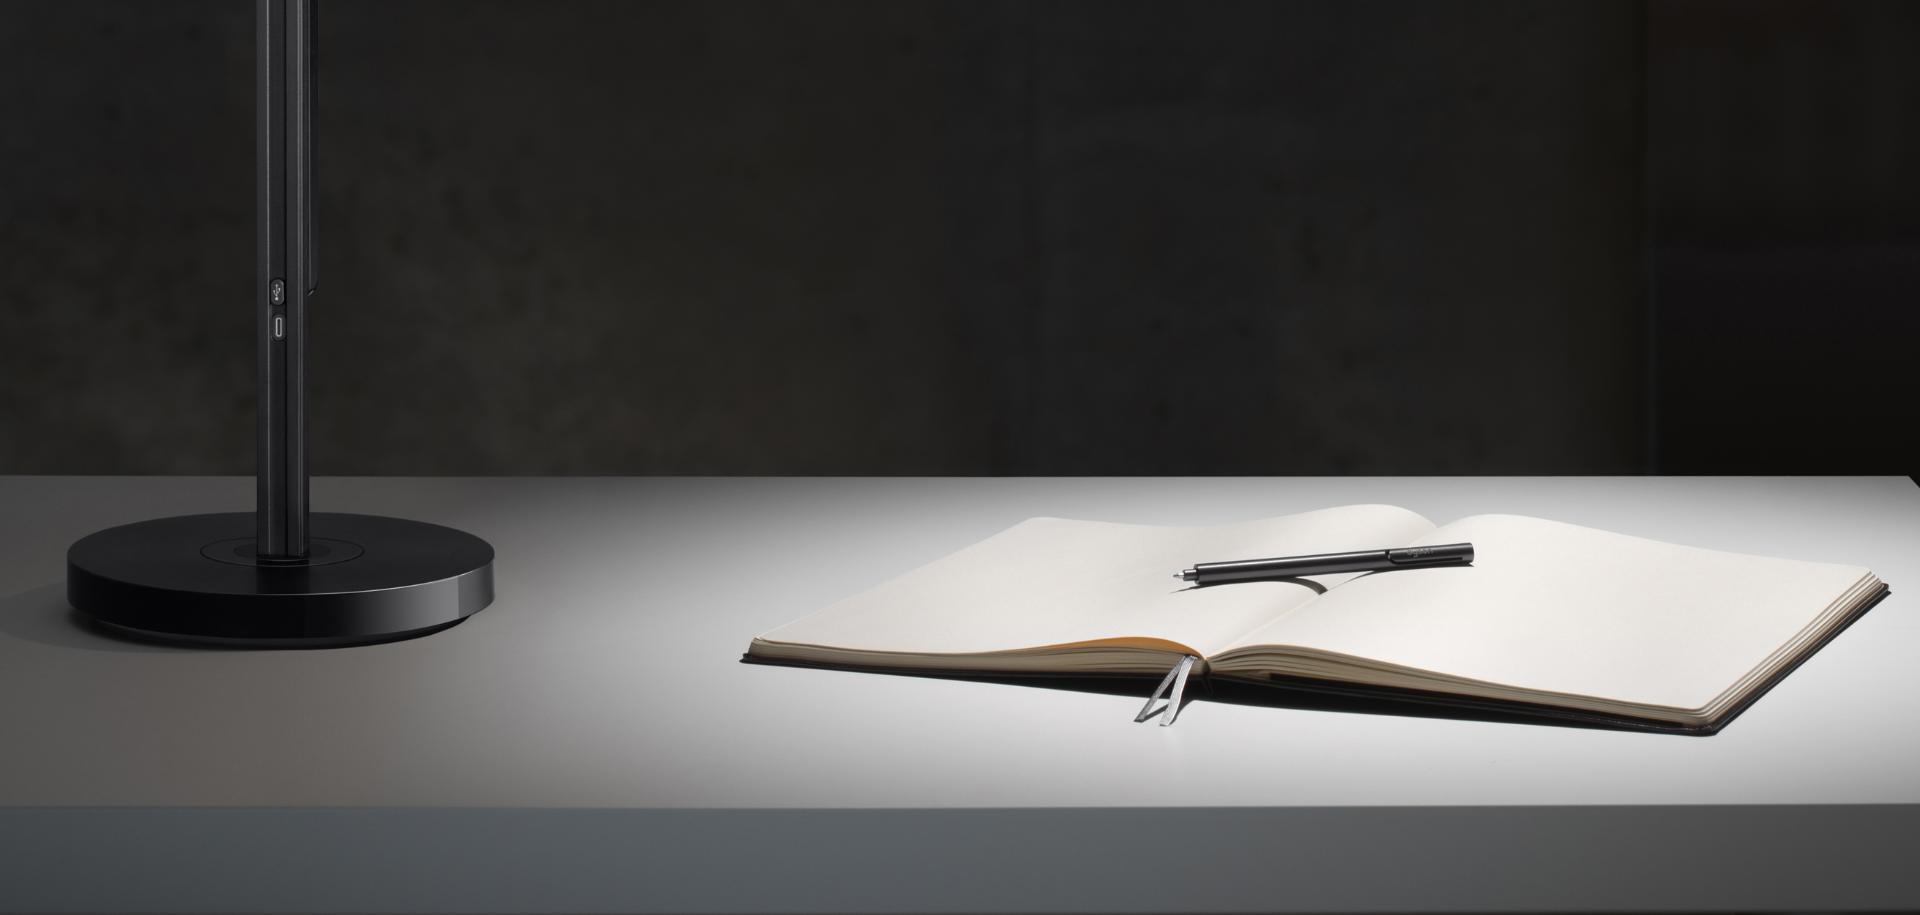 책상 위 고광량 조명